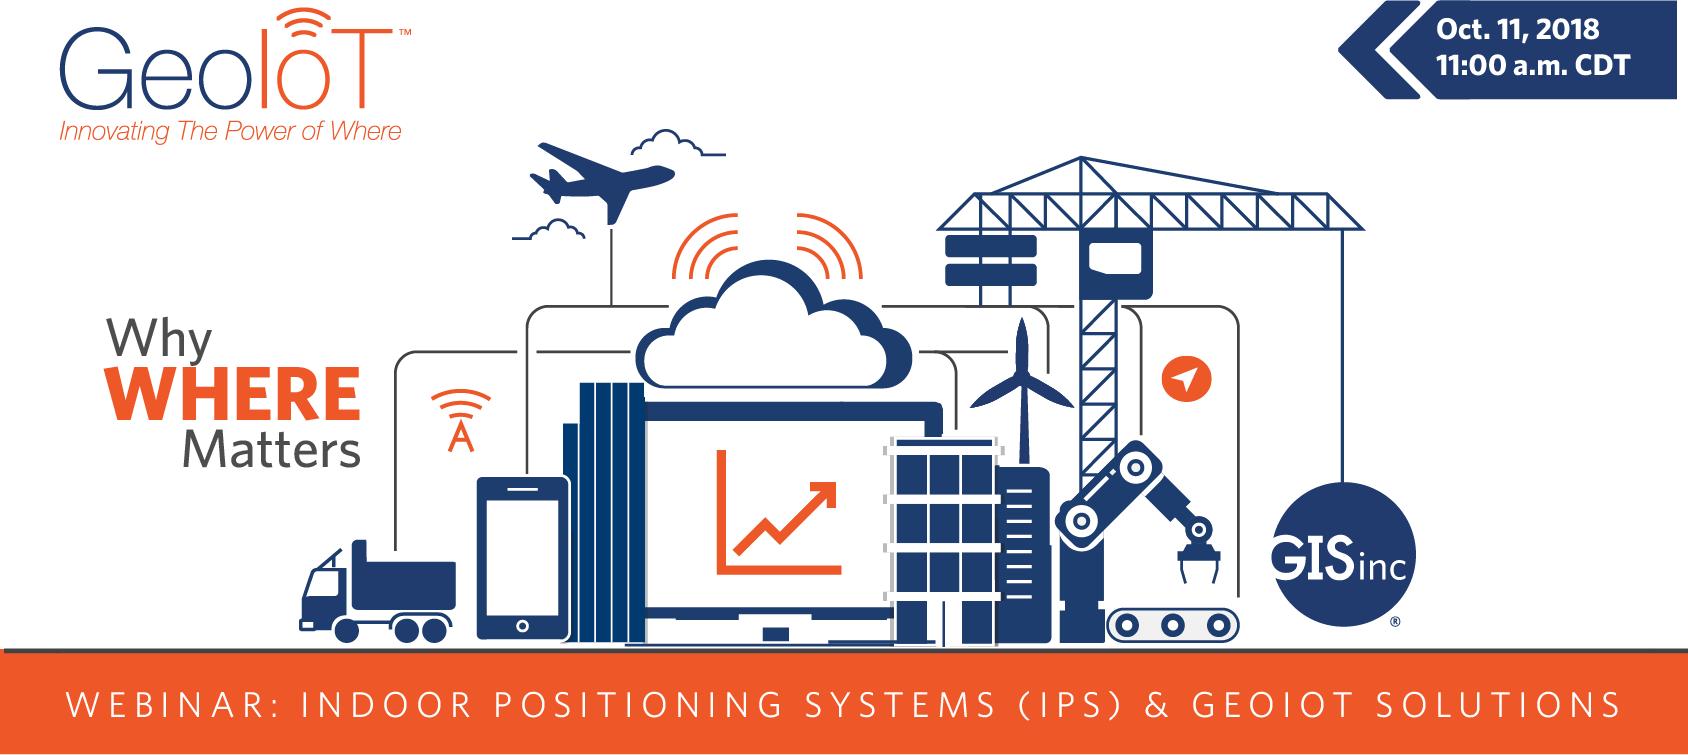 geoIot-webinar-ep4-landingPage_2.png